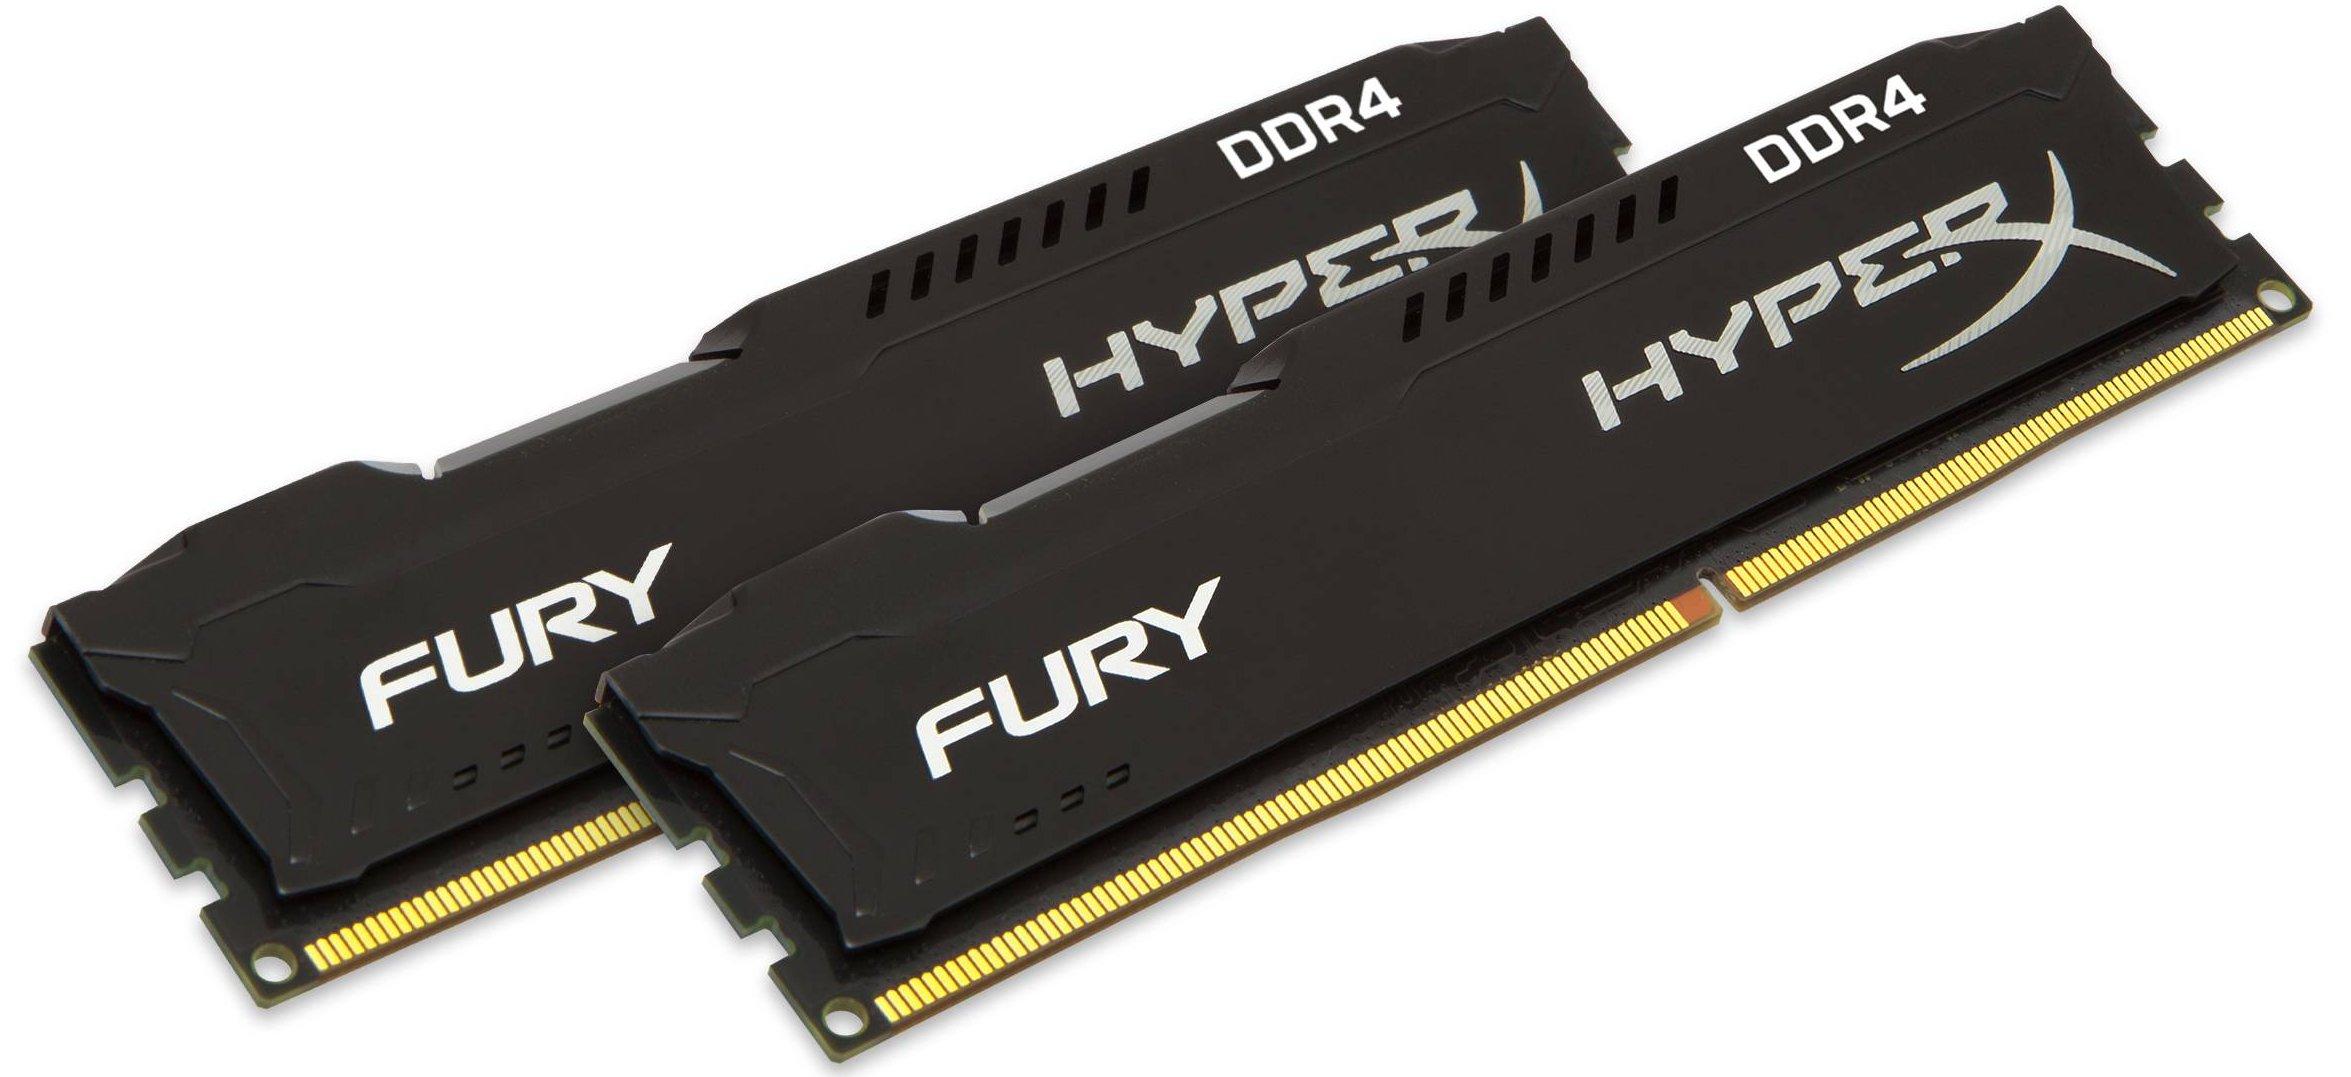 pamięci DDR4 RAM ceny